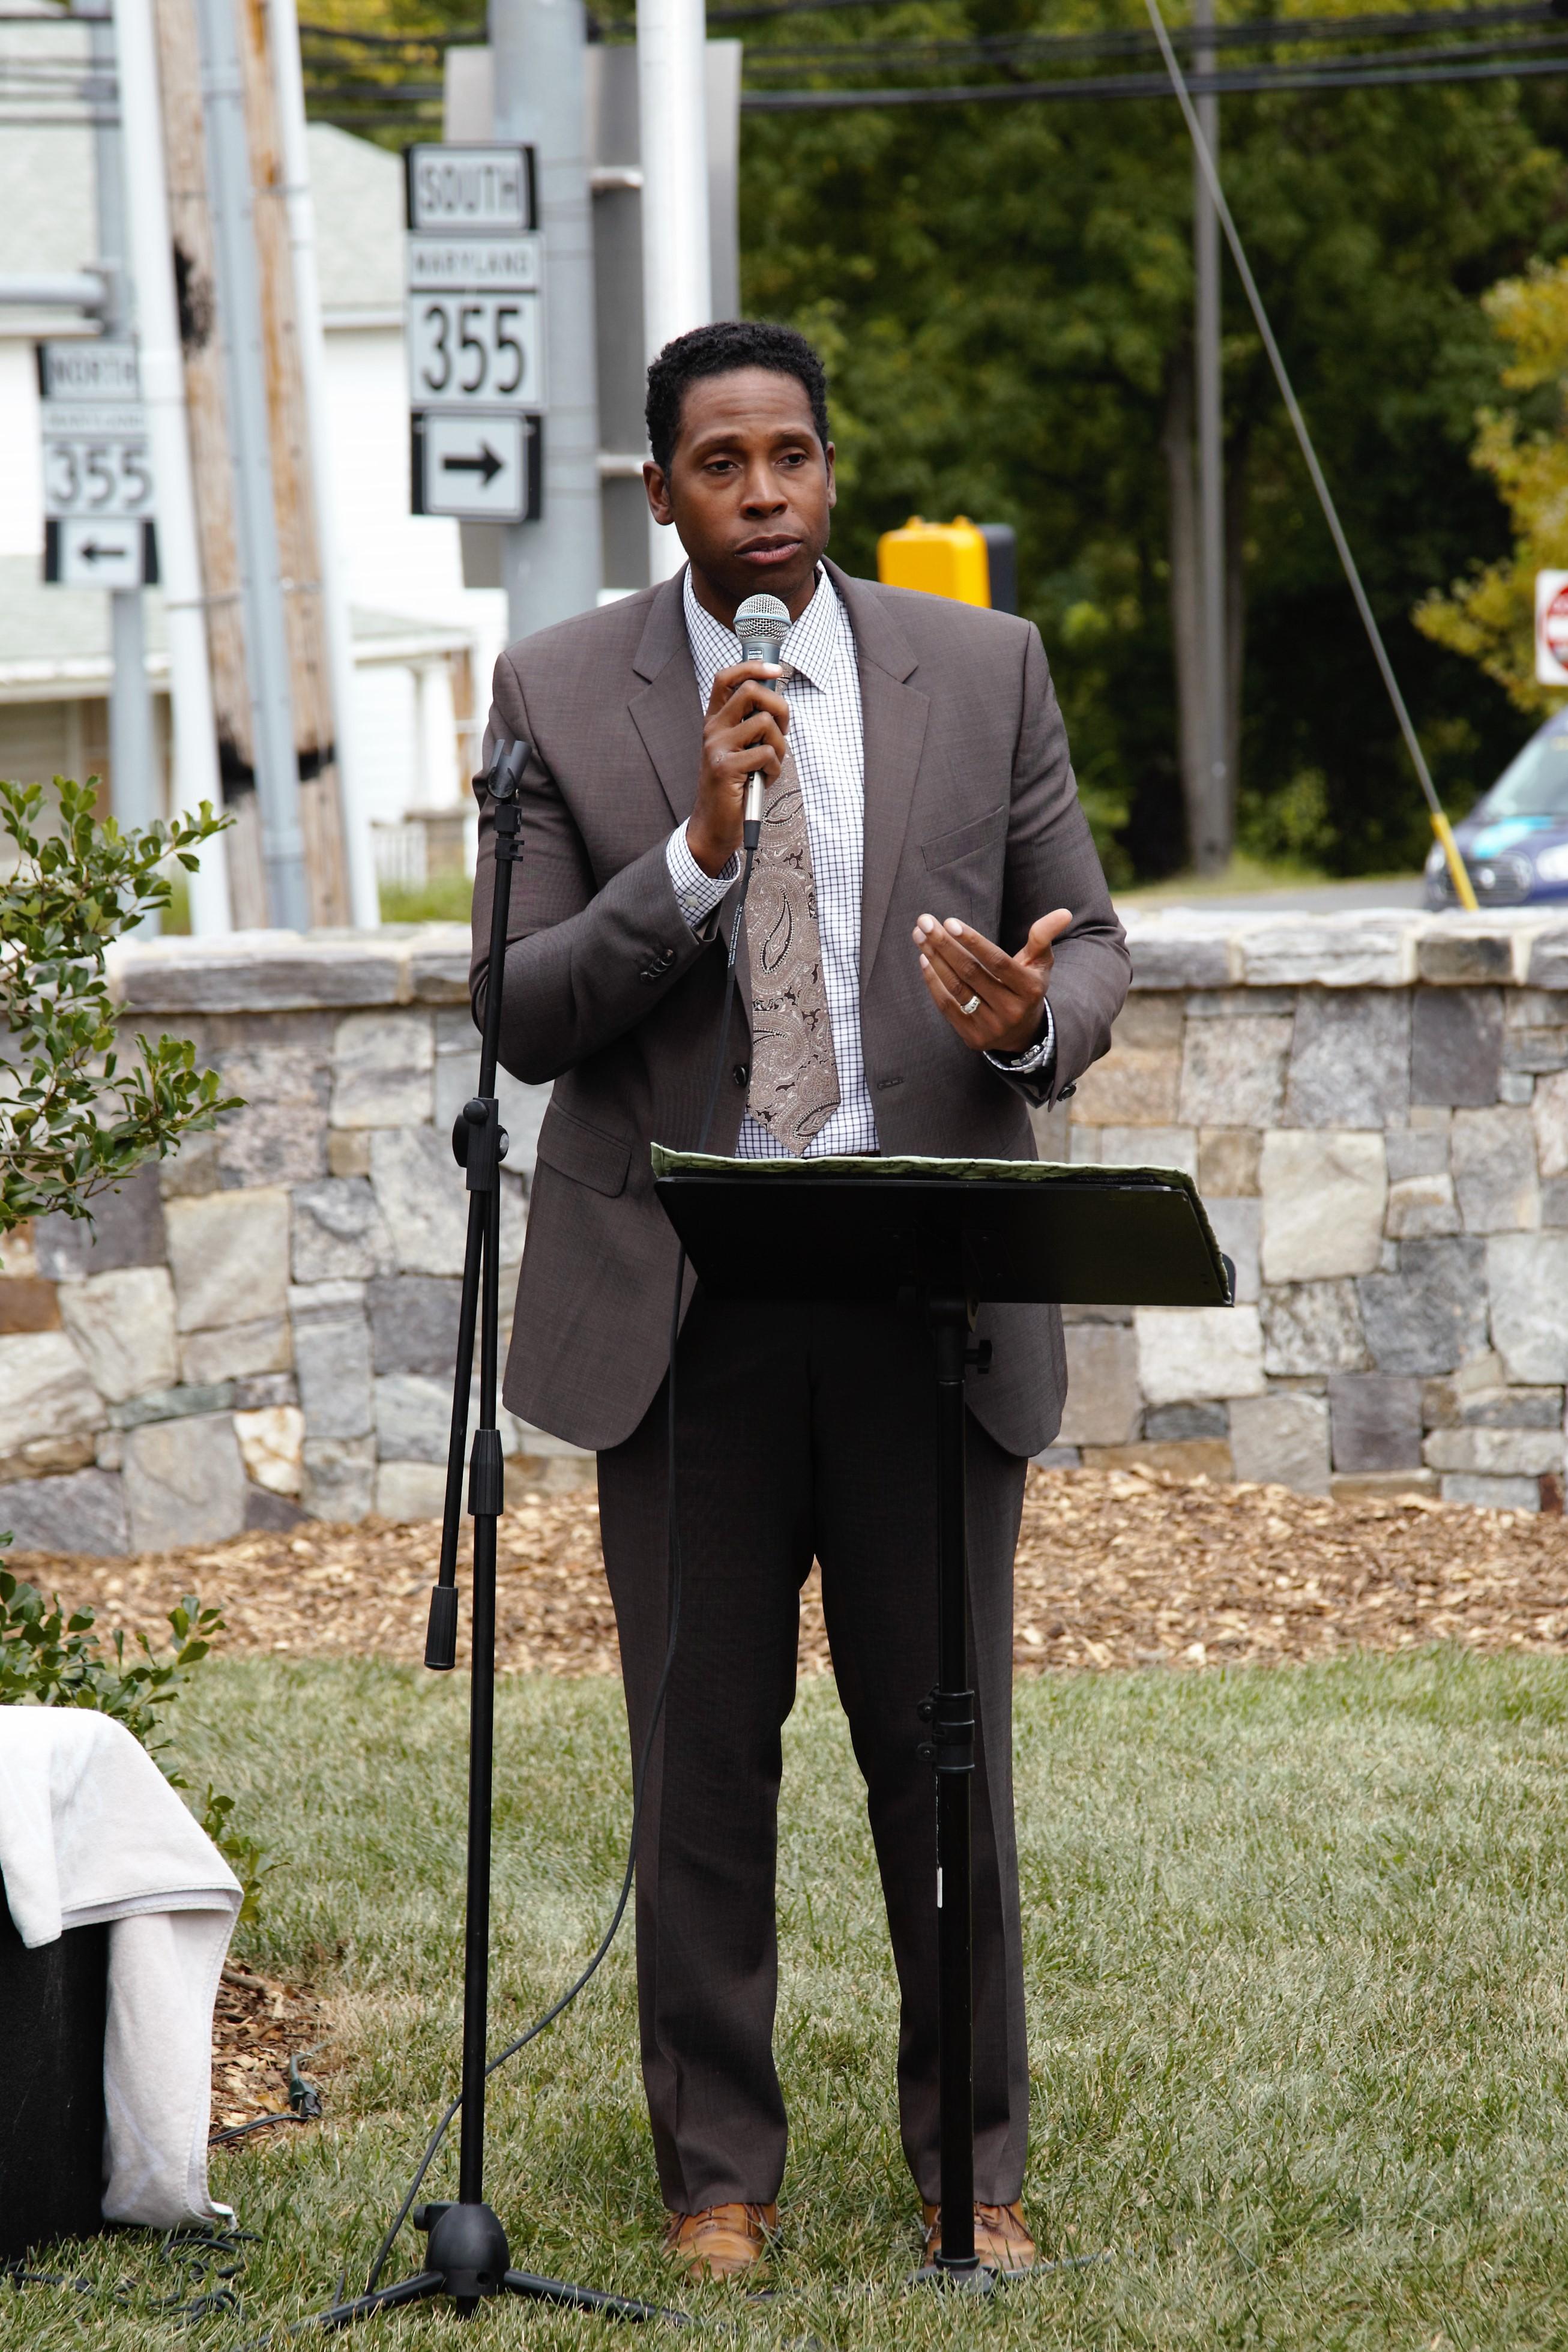 Speaker Craig L. Rice